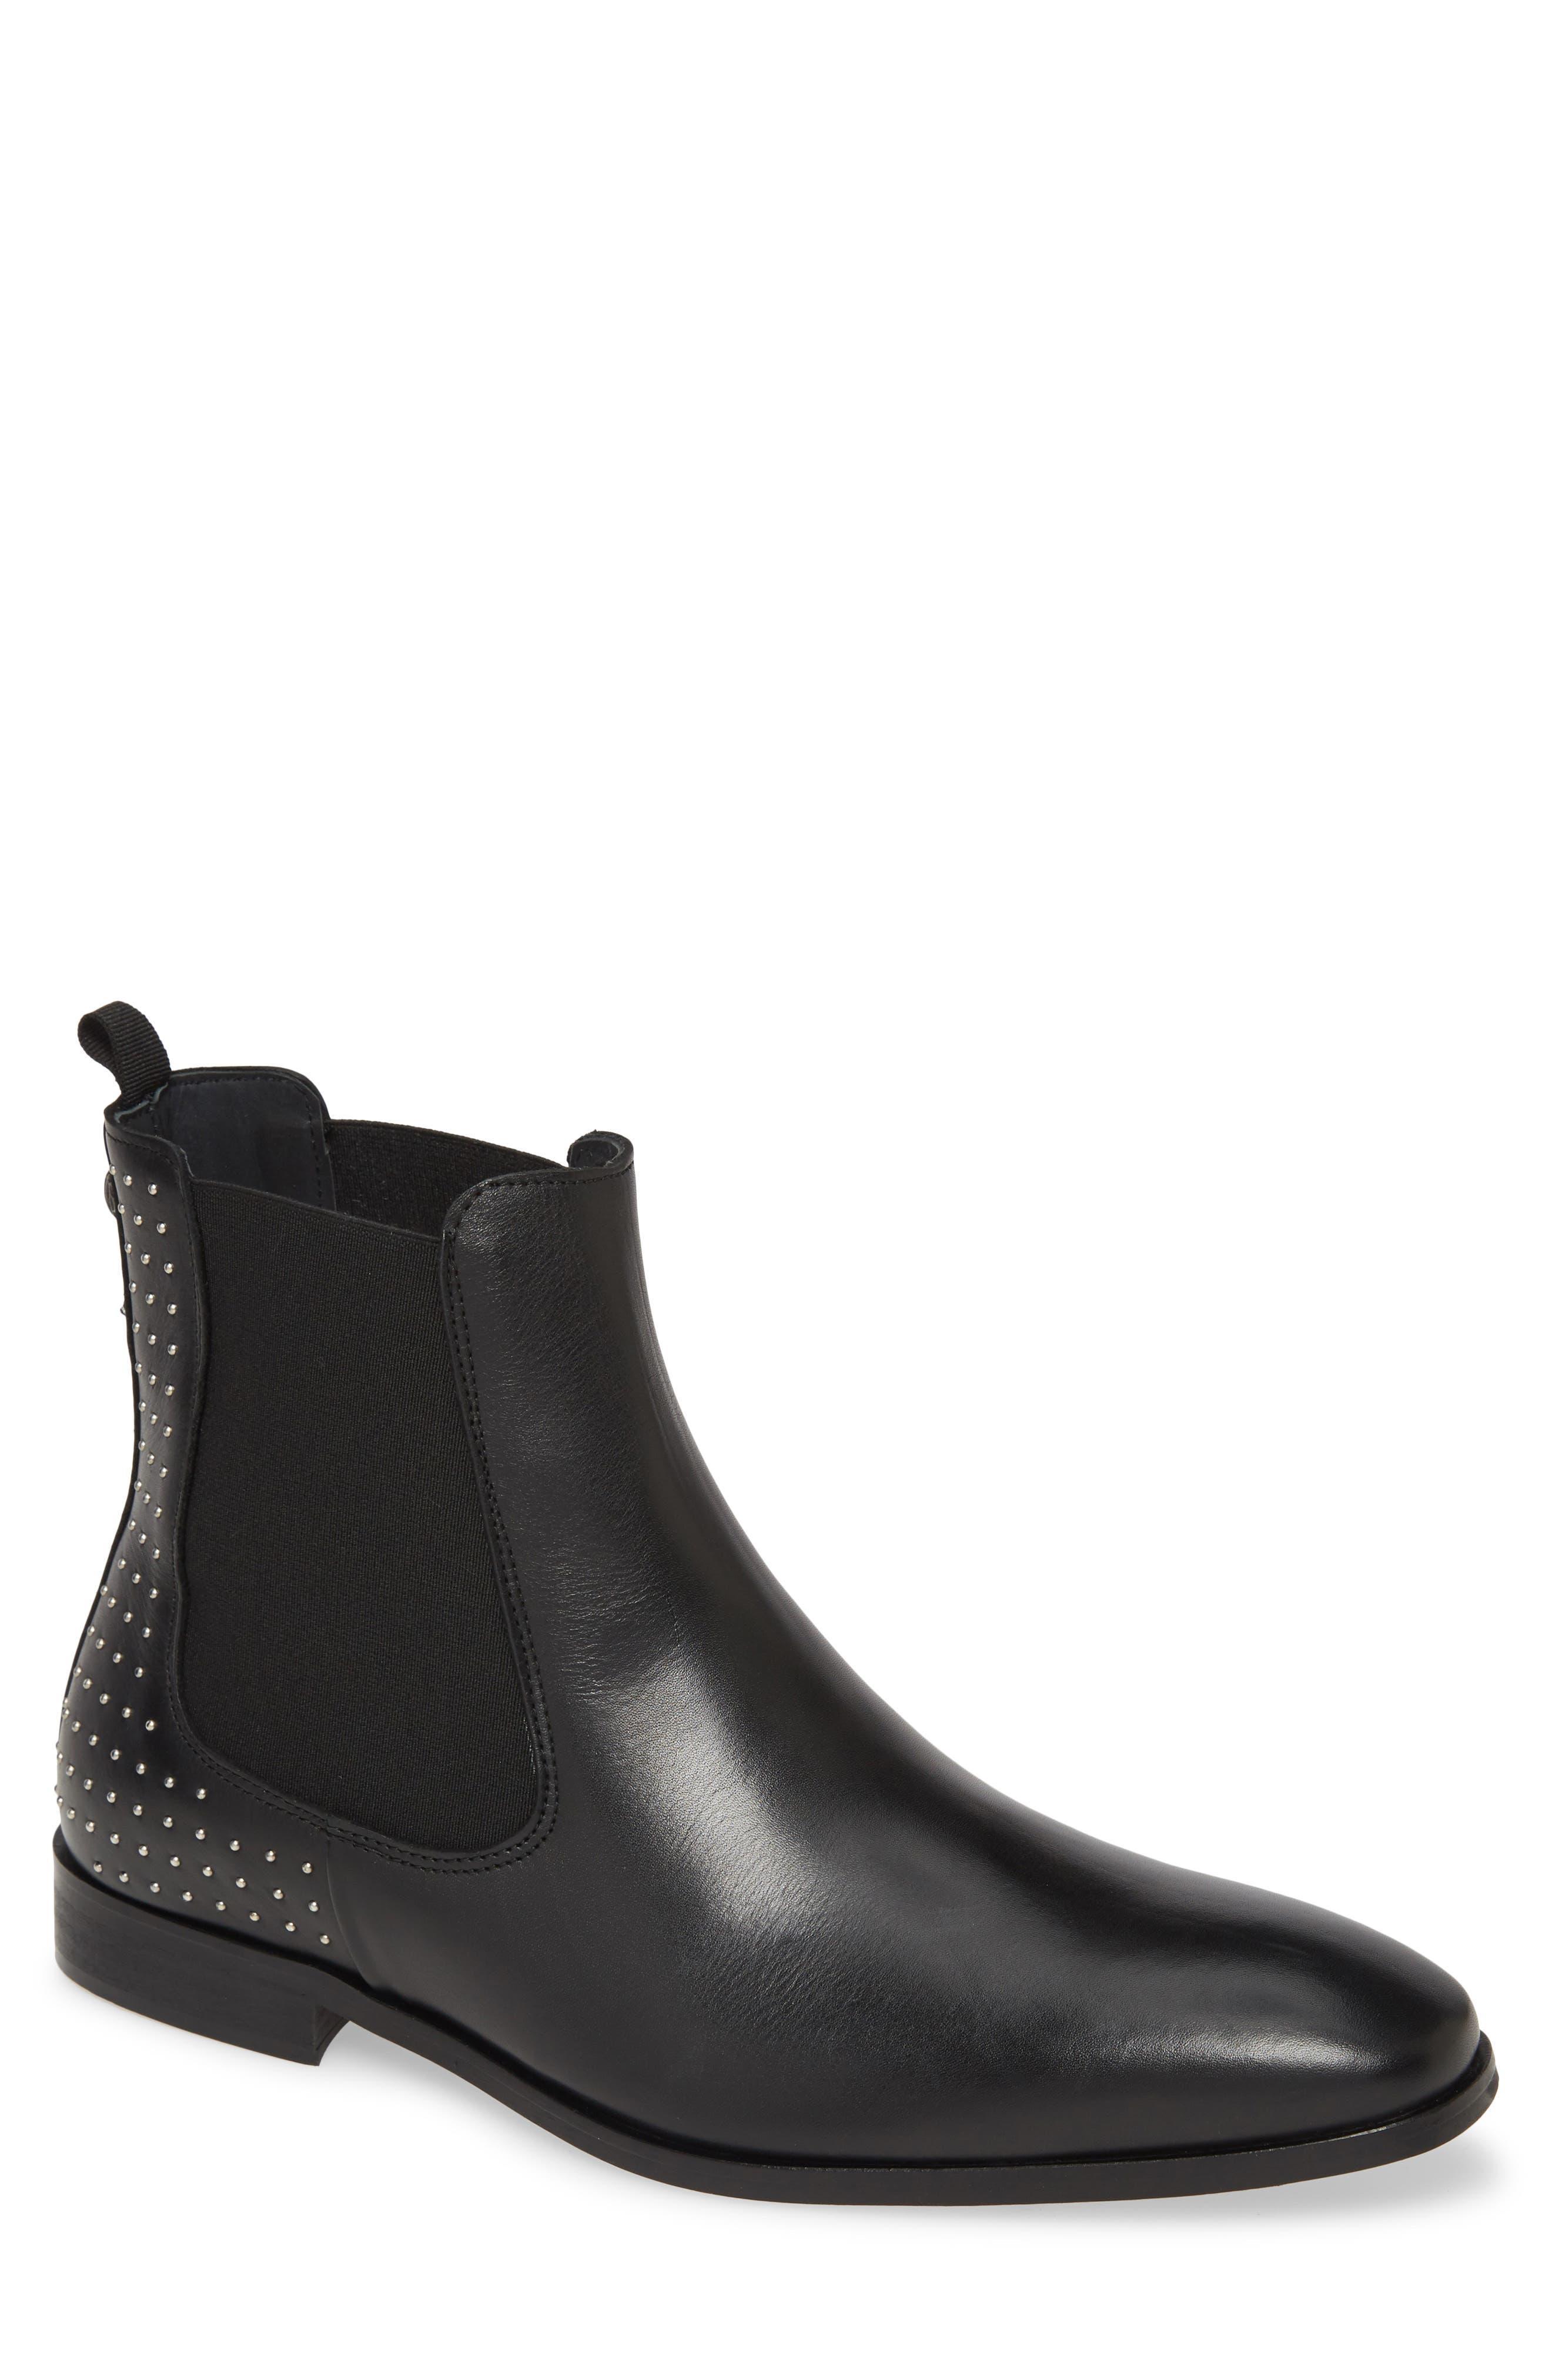 Kurt Geiger London Freddie Chelsea Boot